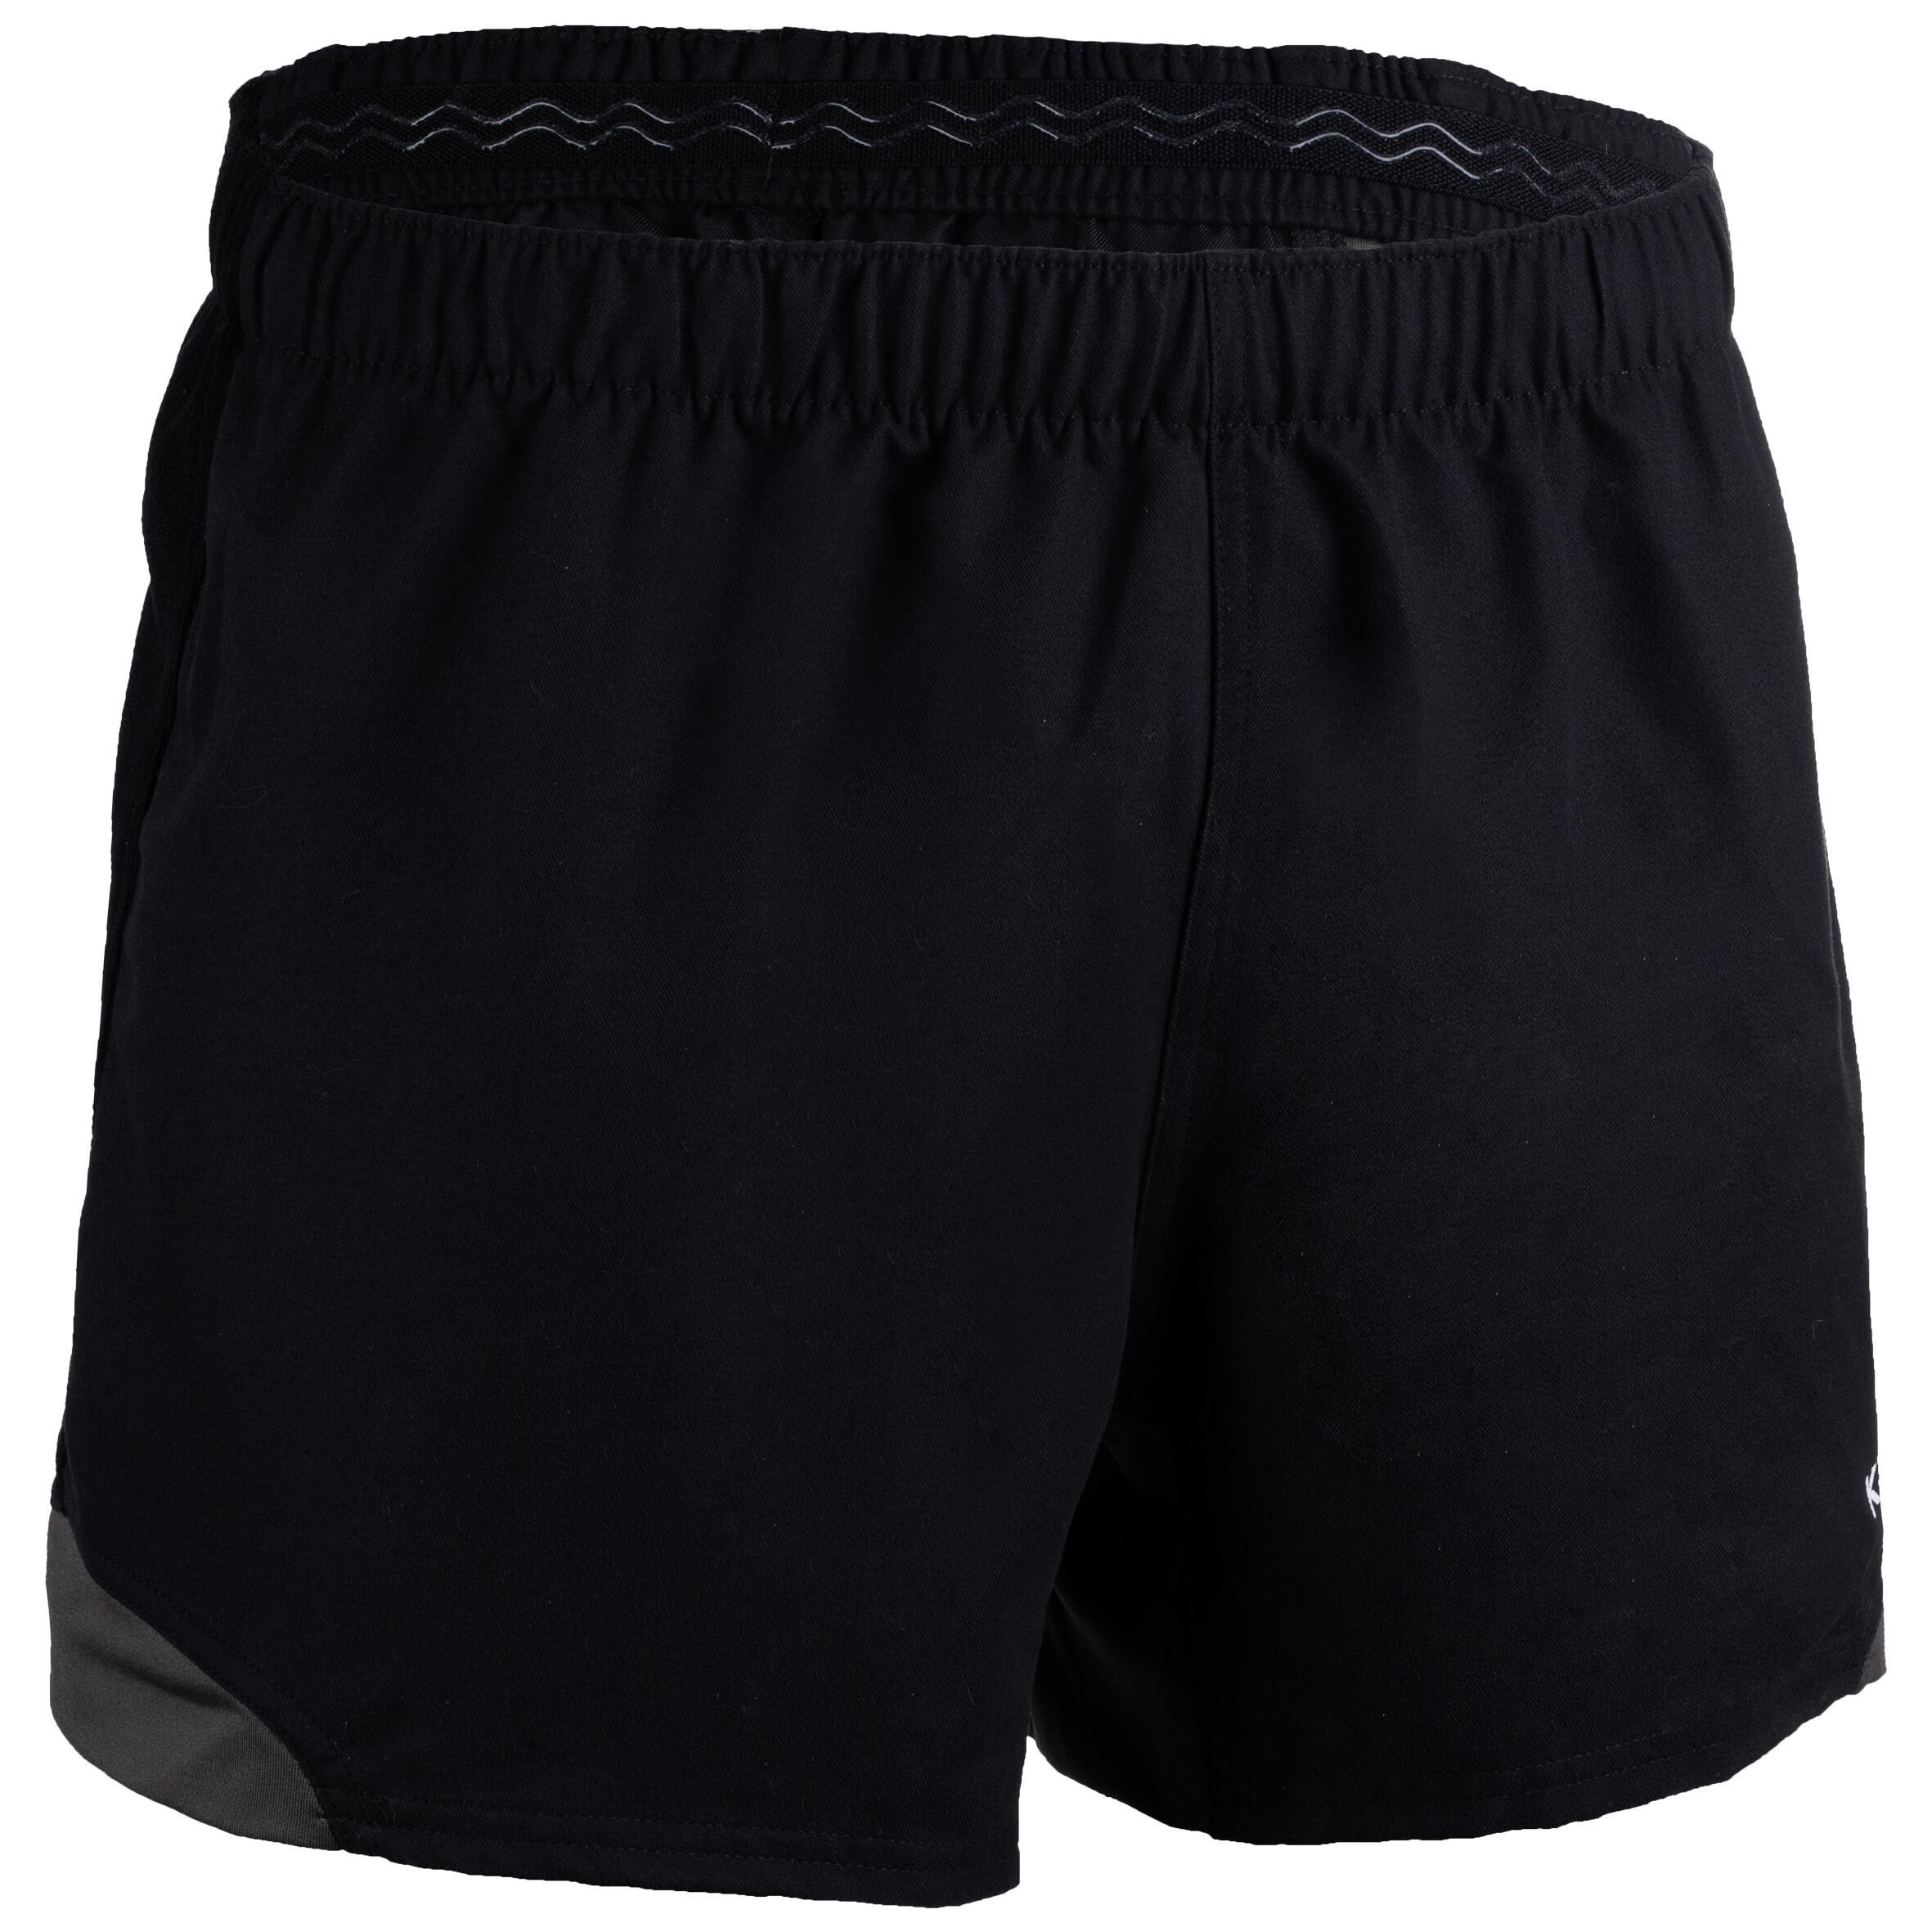 Rugbyshorts R900 Erwachsene schwarz/grau | Sportbekleidung > Sporthosen > Sportshorts | Offload